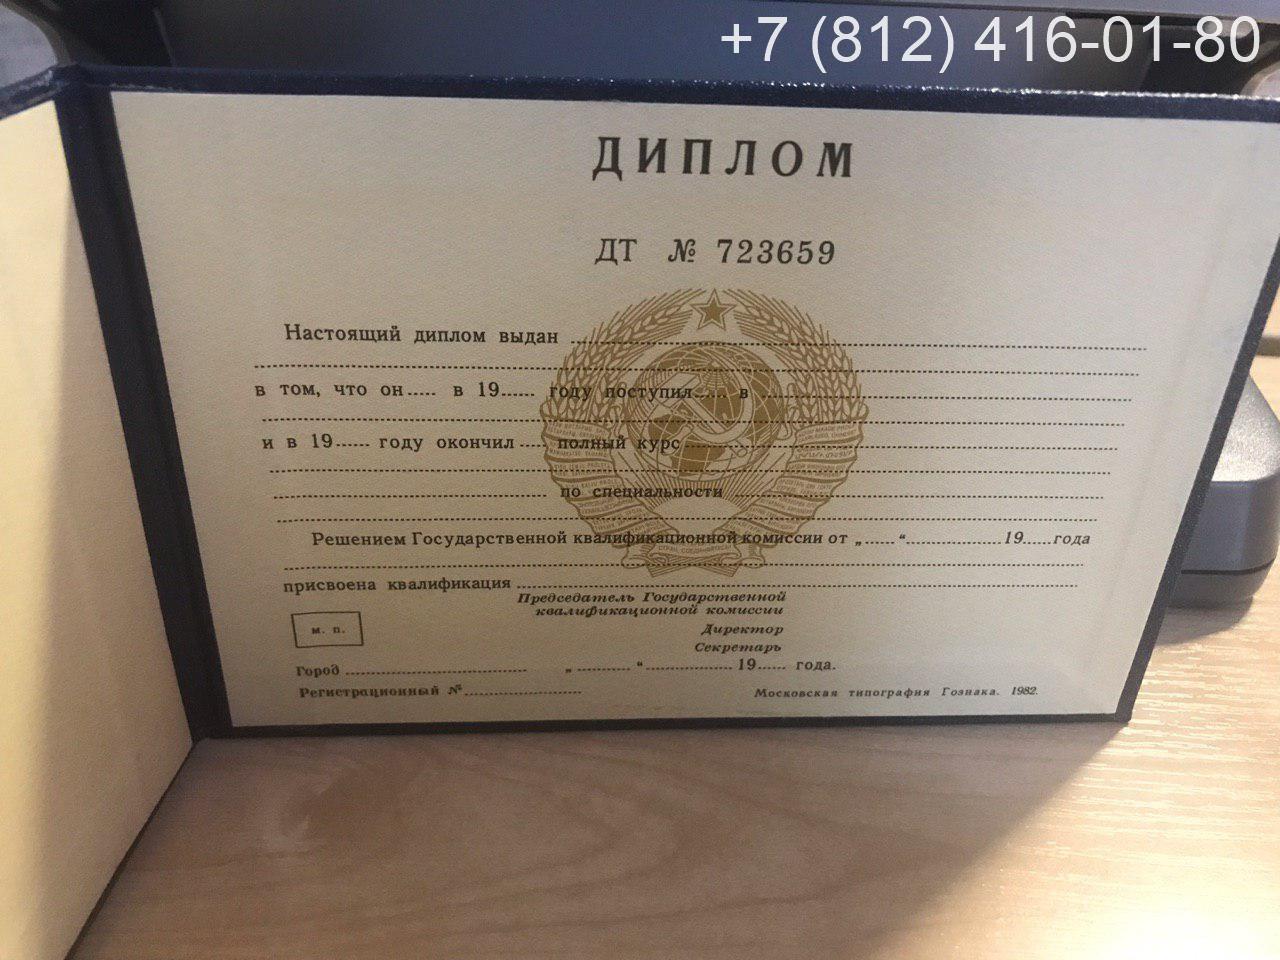 Диплом техникума СССР, образец, титульный лист-1